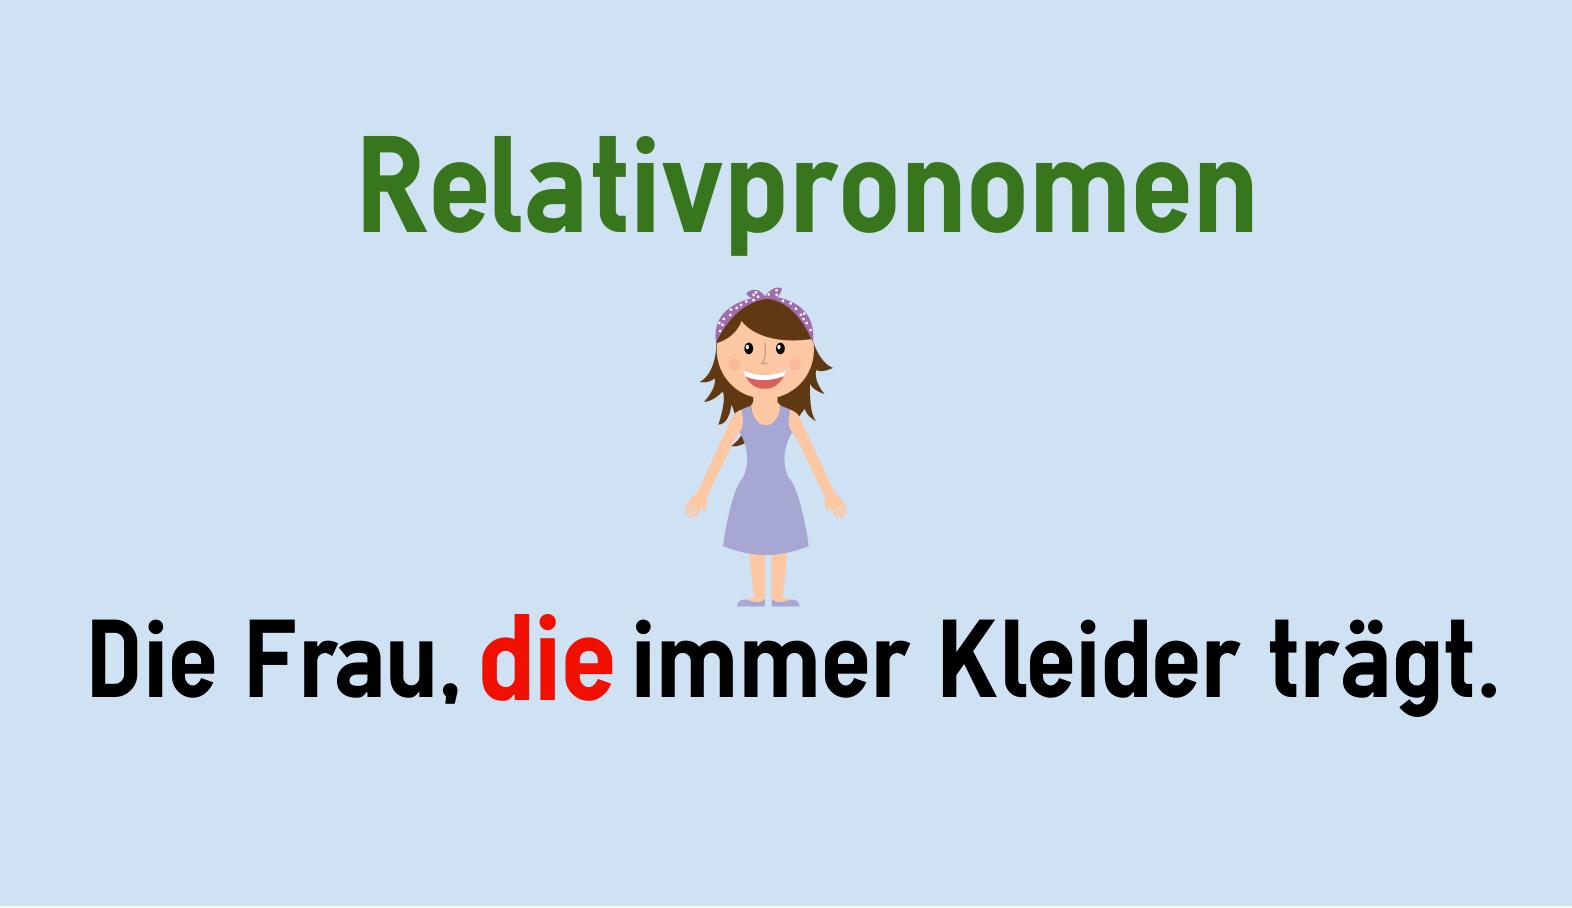 deutsche relativpronomen - Relativpronomen Beispiele